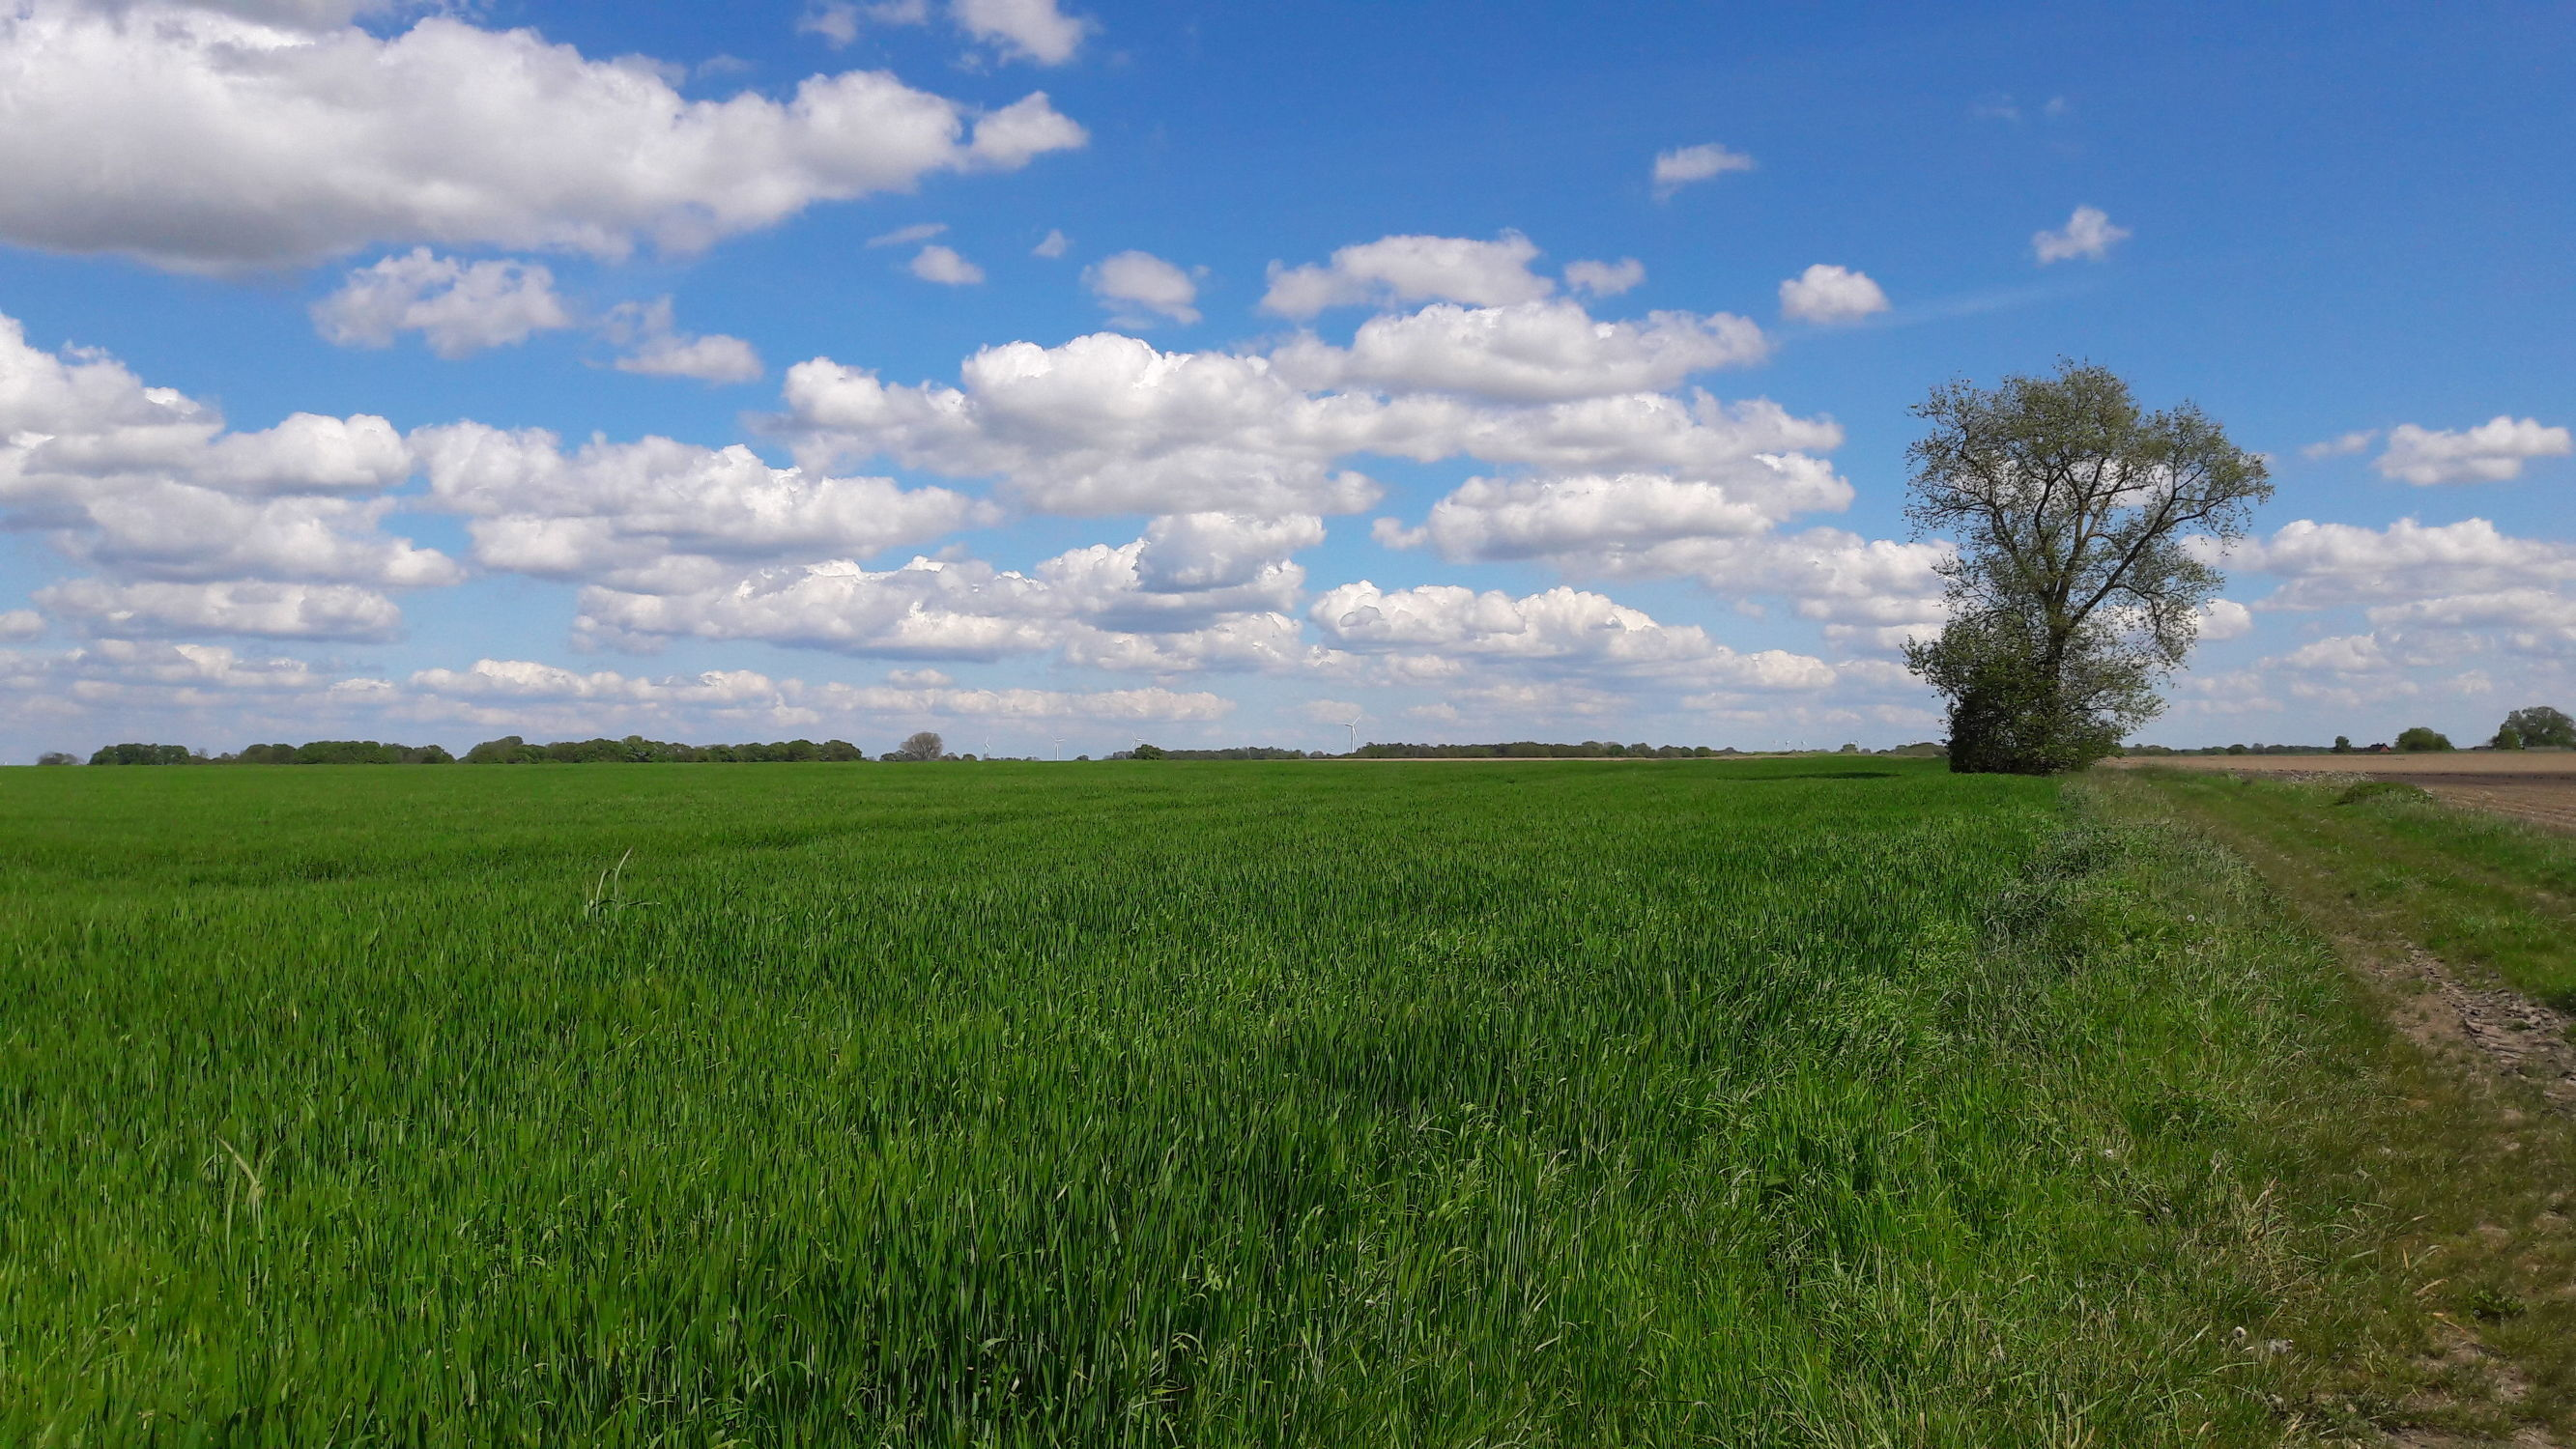 Bild mit Natur, Landschaften, Himmel, Wolken am Himmel, Blauer Himmel, Feld, Felder, Felder & Wiesen, Landschaften & Natur, Natur und Landschaft, Fotografien Landschaften/Wälder, Fotografien